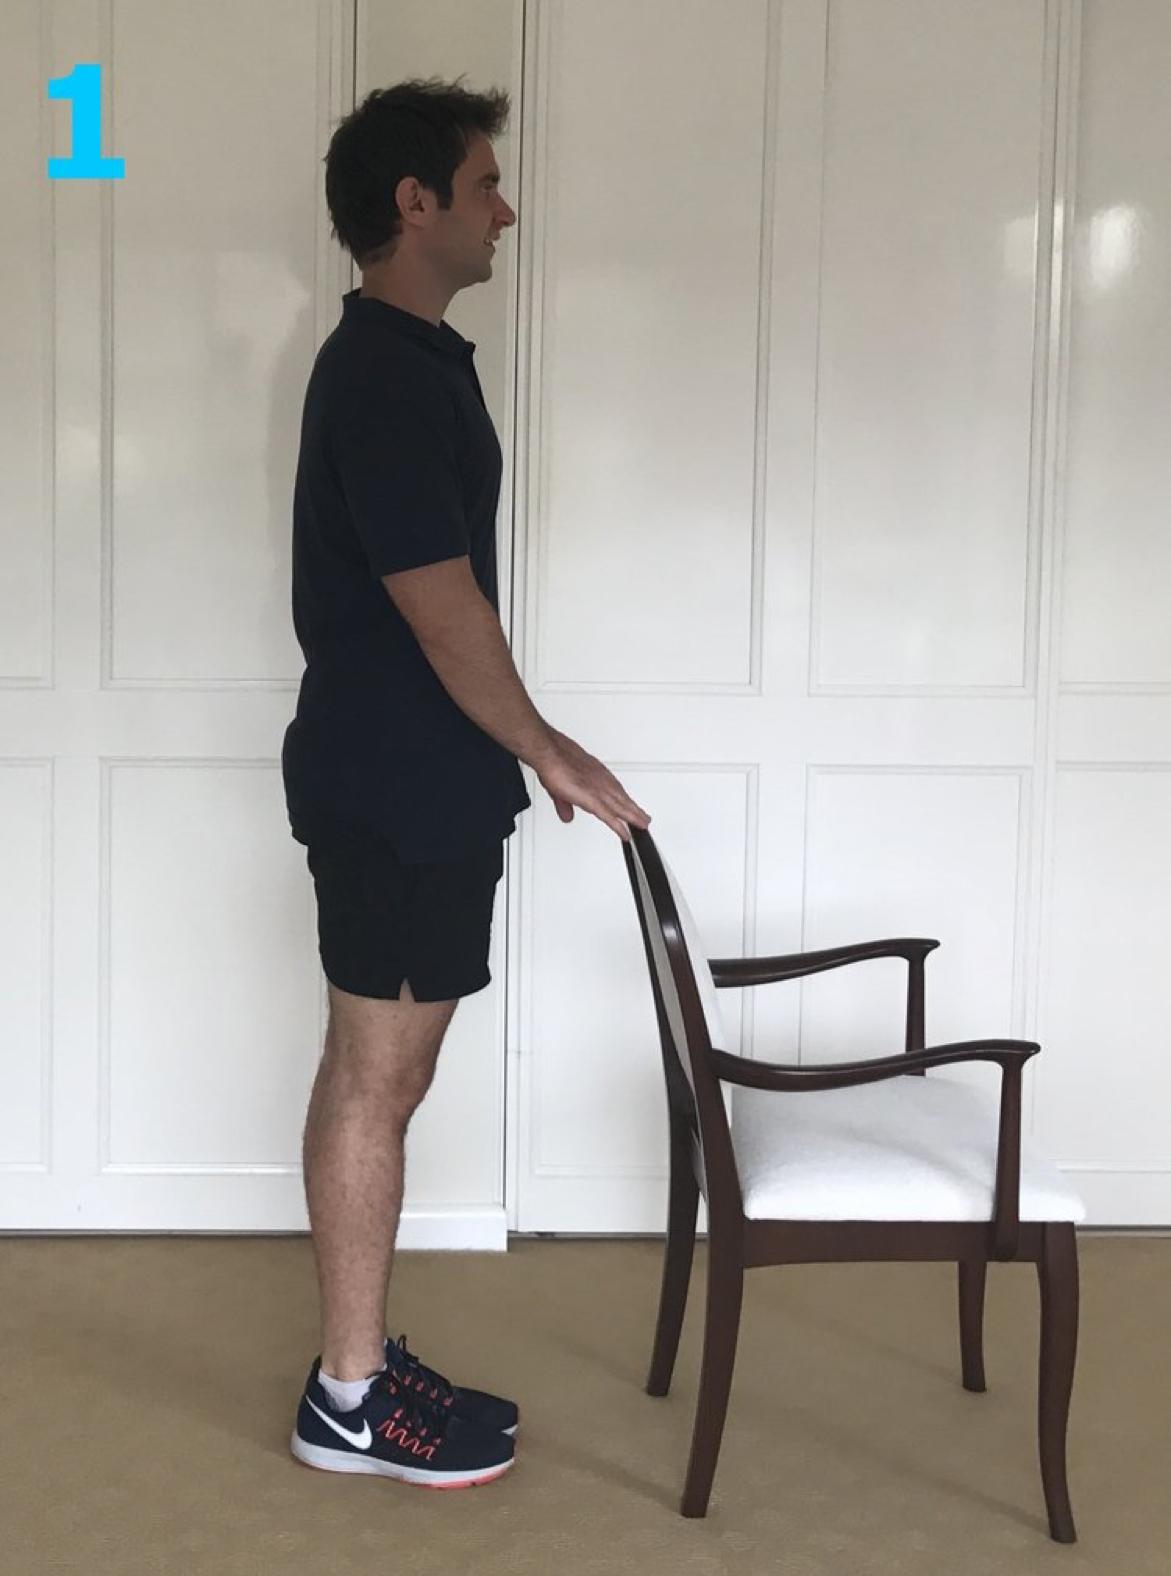 squat1.png